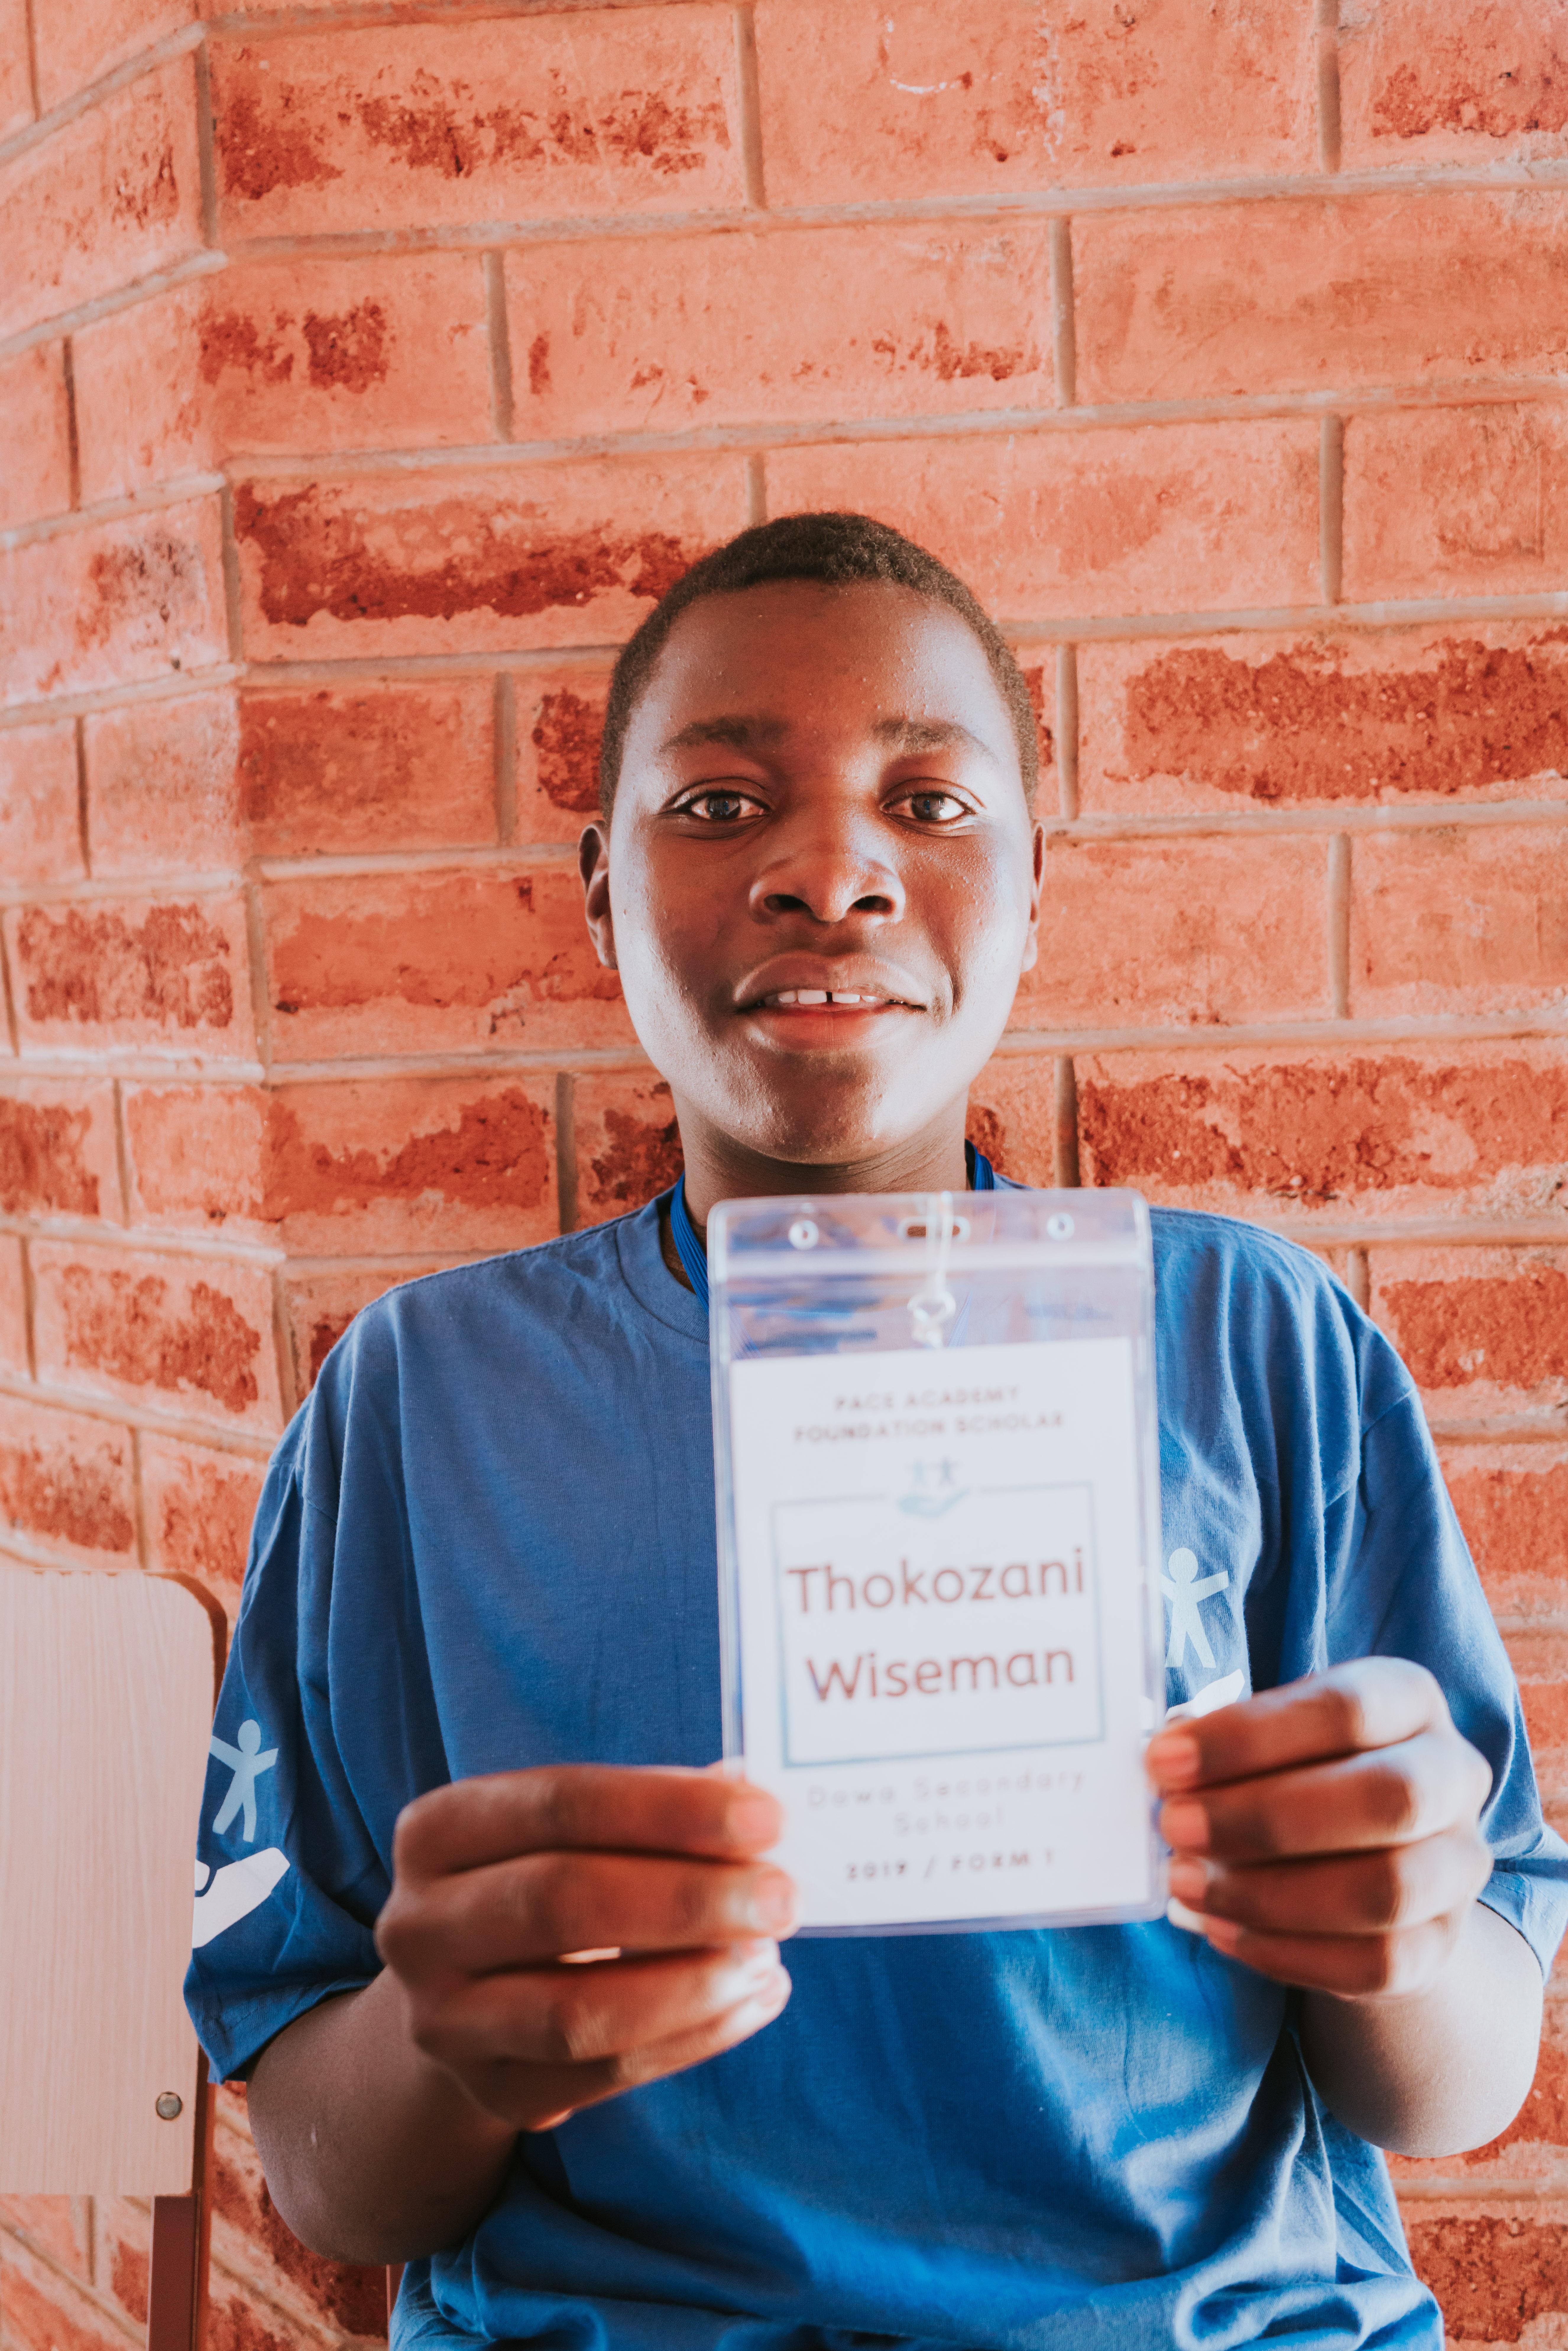 Thokozani Wiseman (Dowa Secondary School